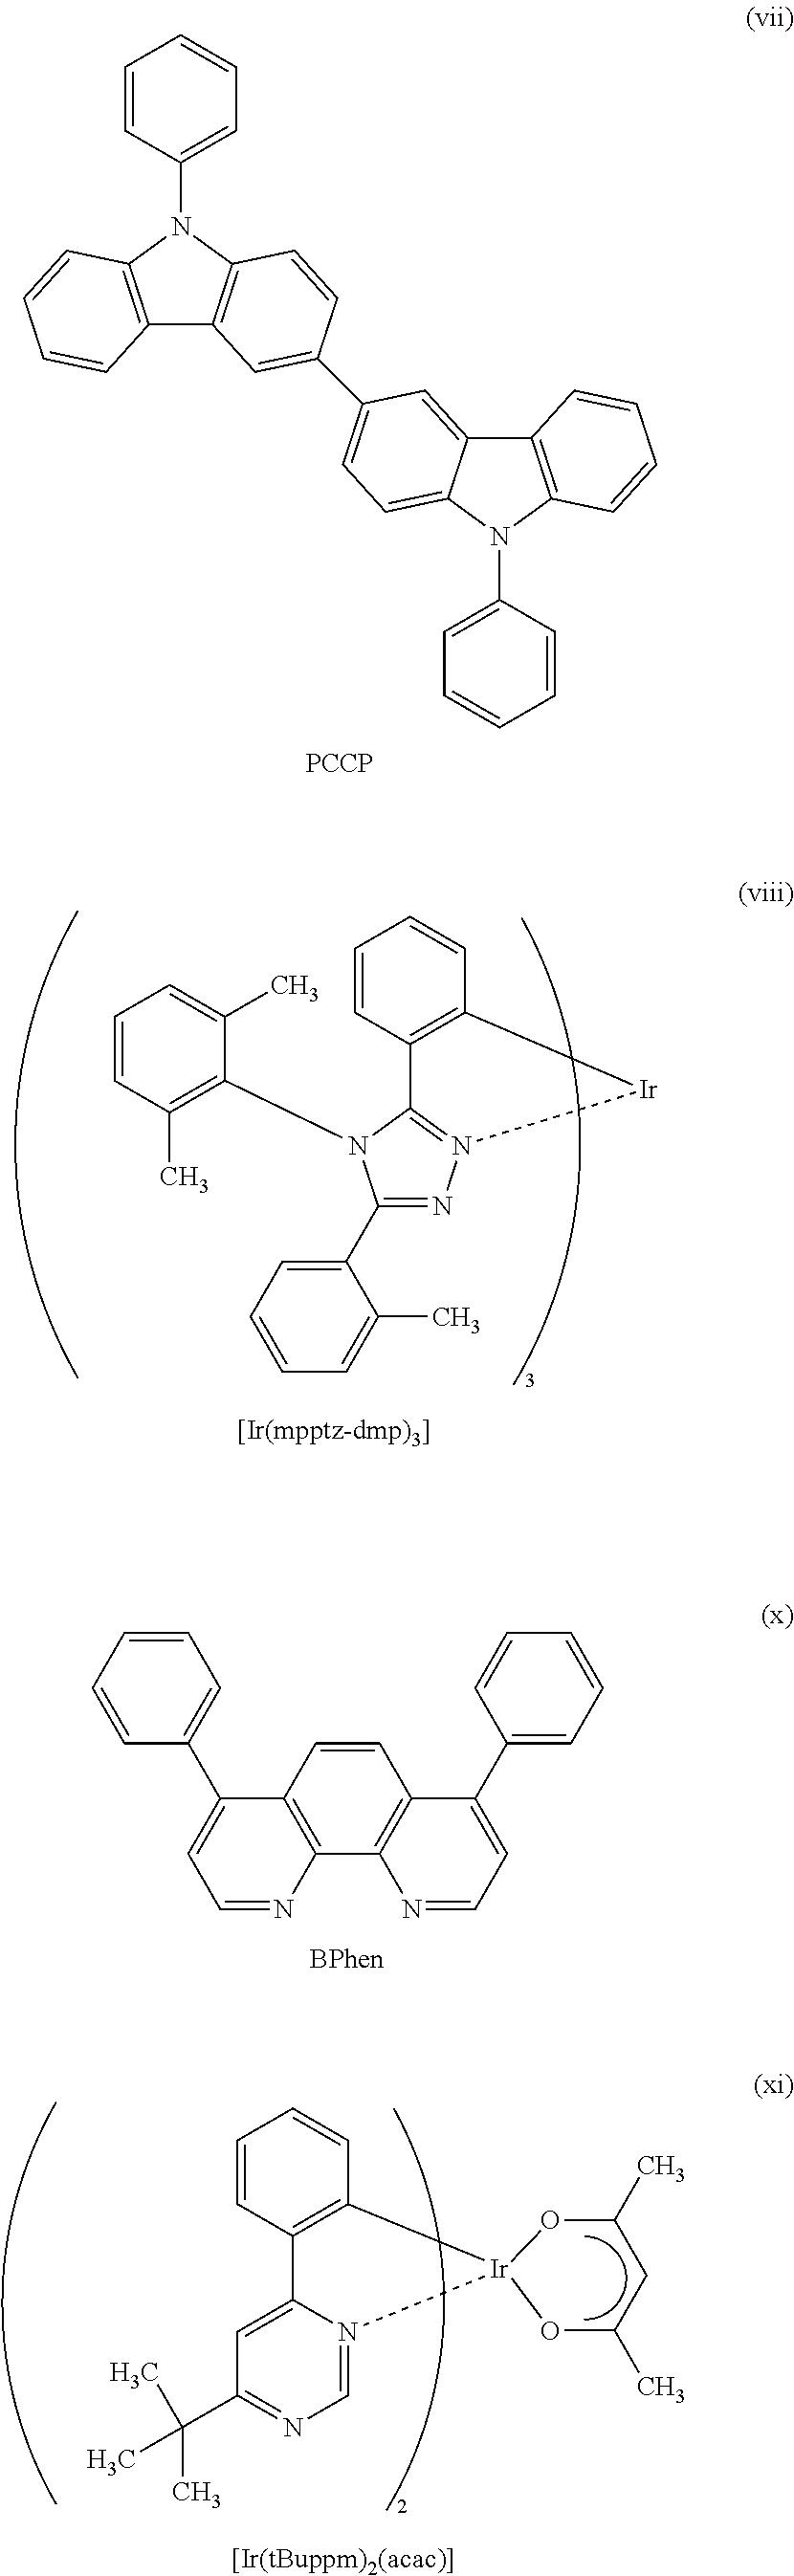 Figure US10121984-20181106-C00008